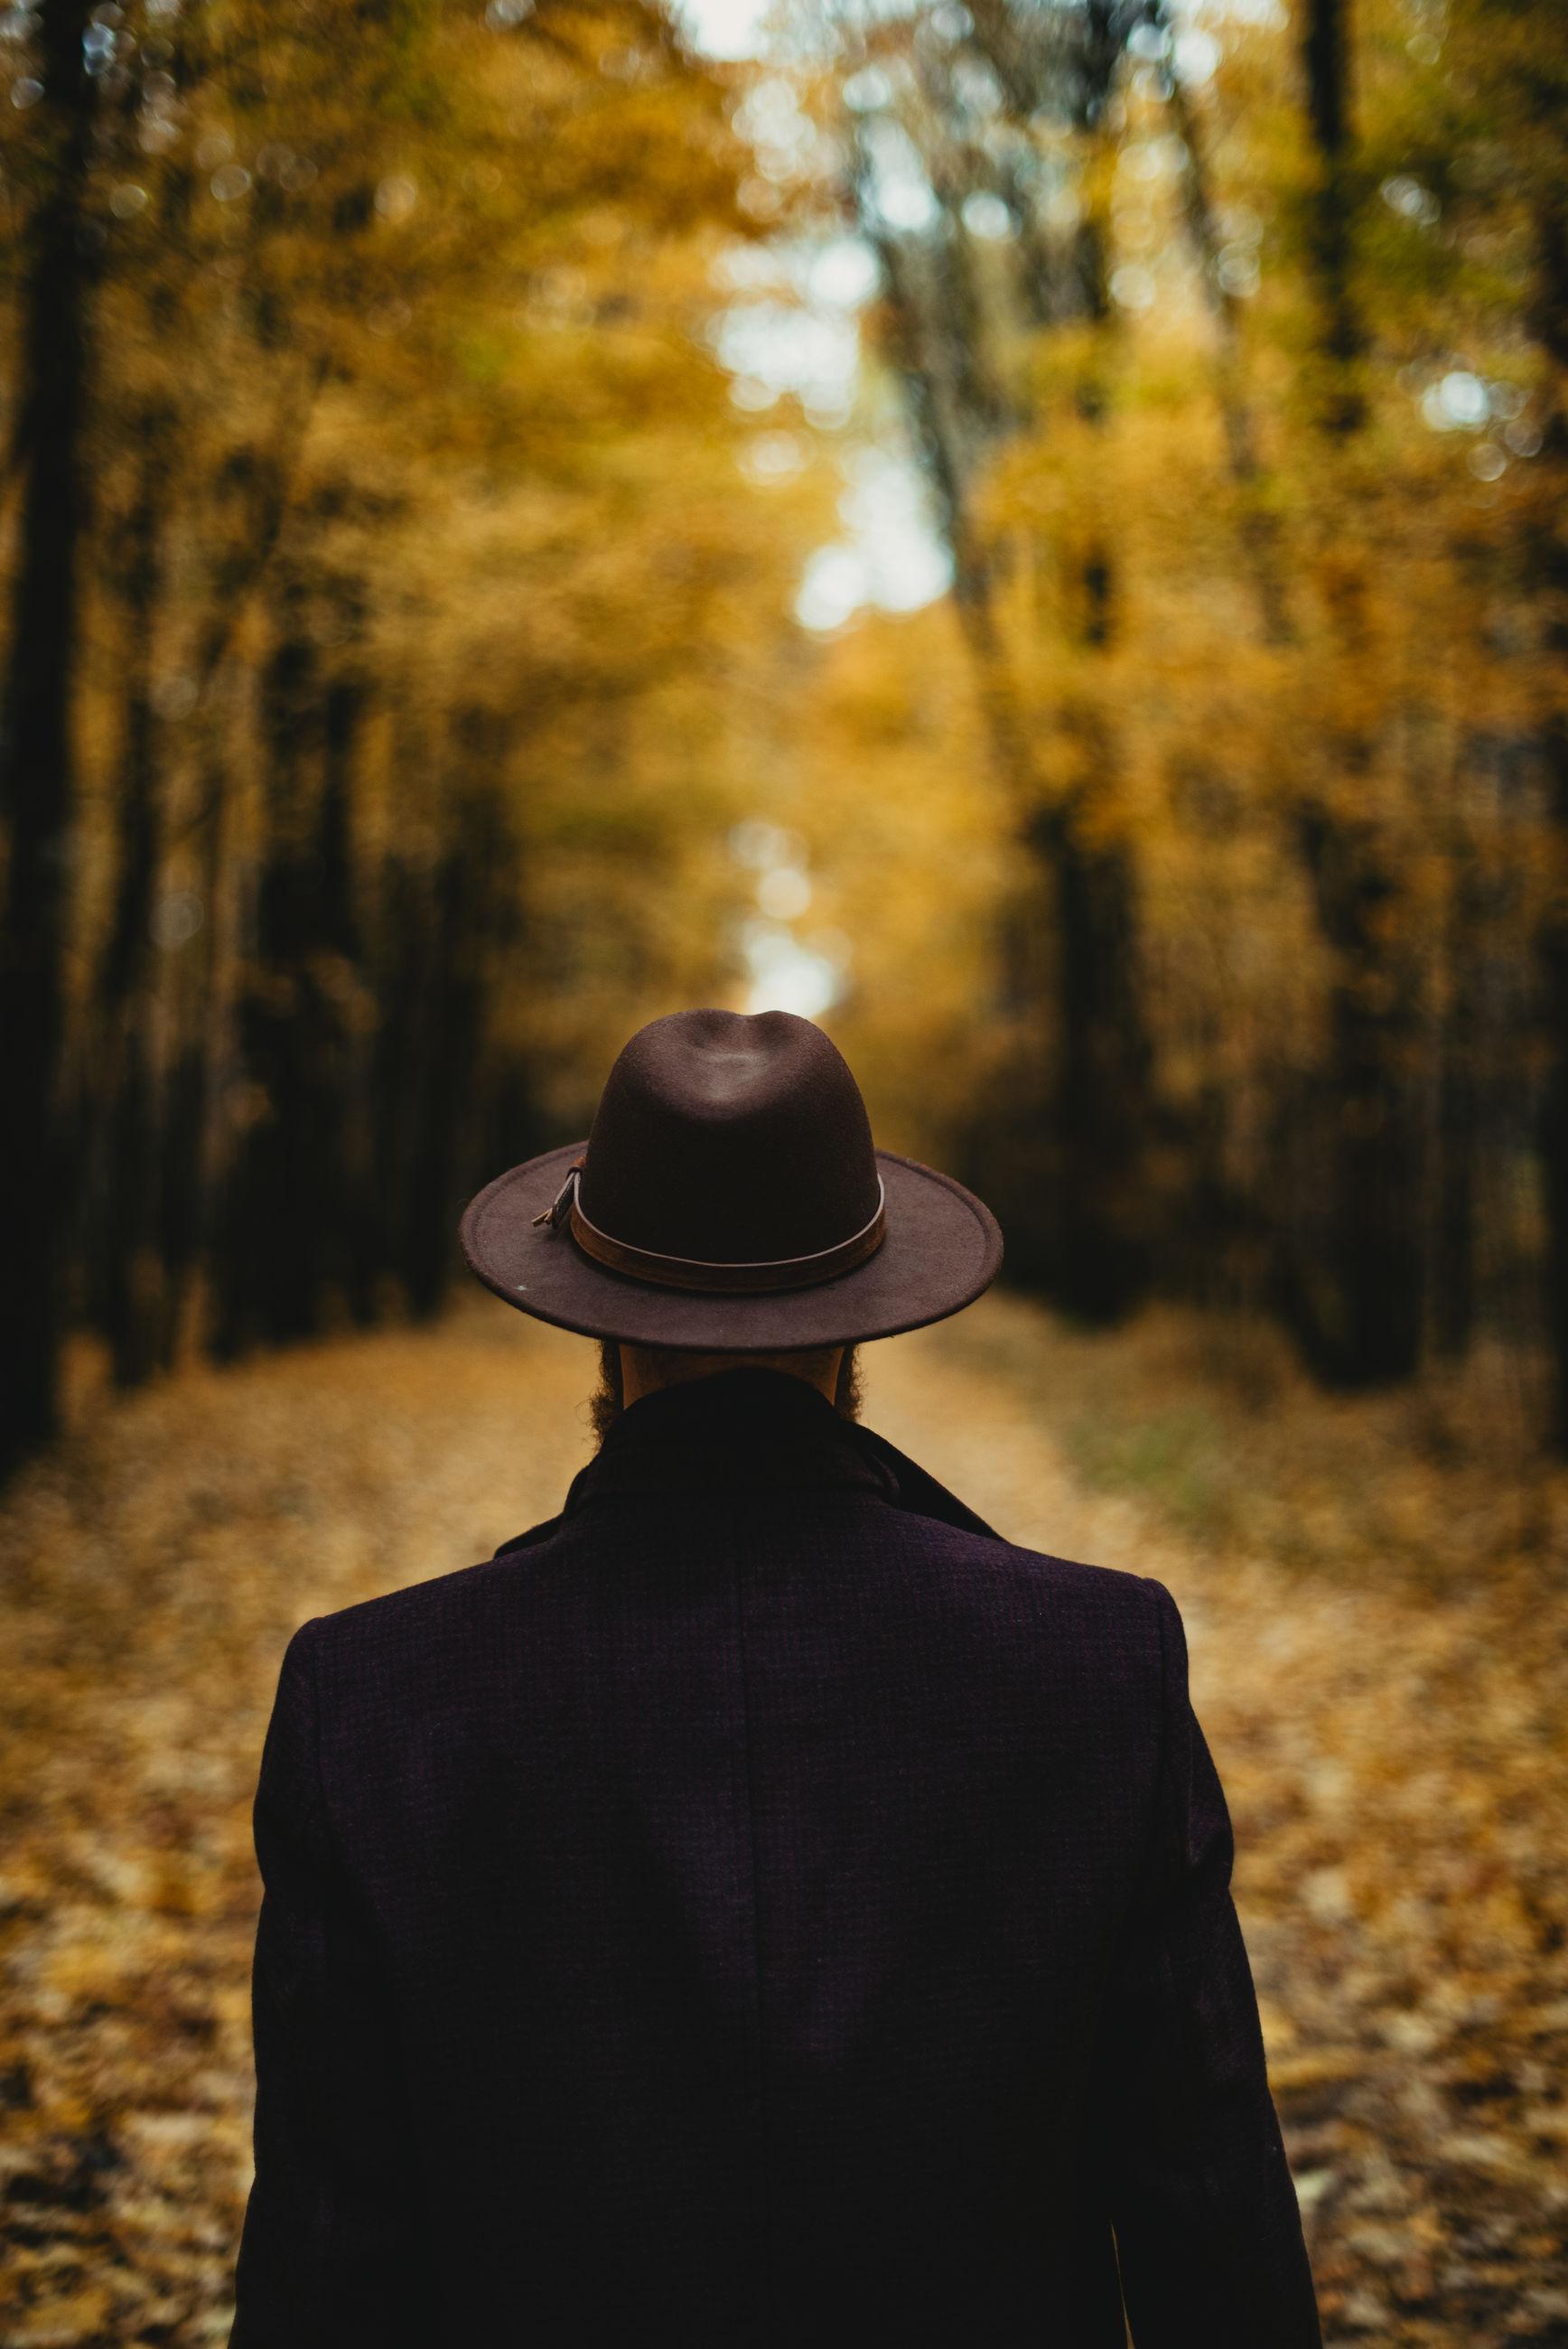 Autumn style man